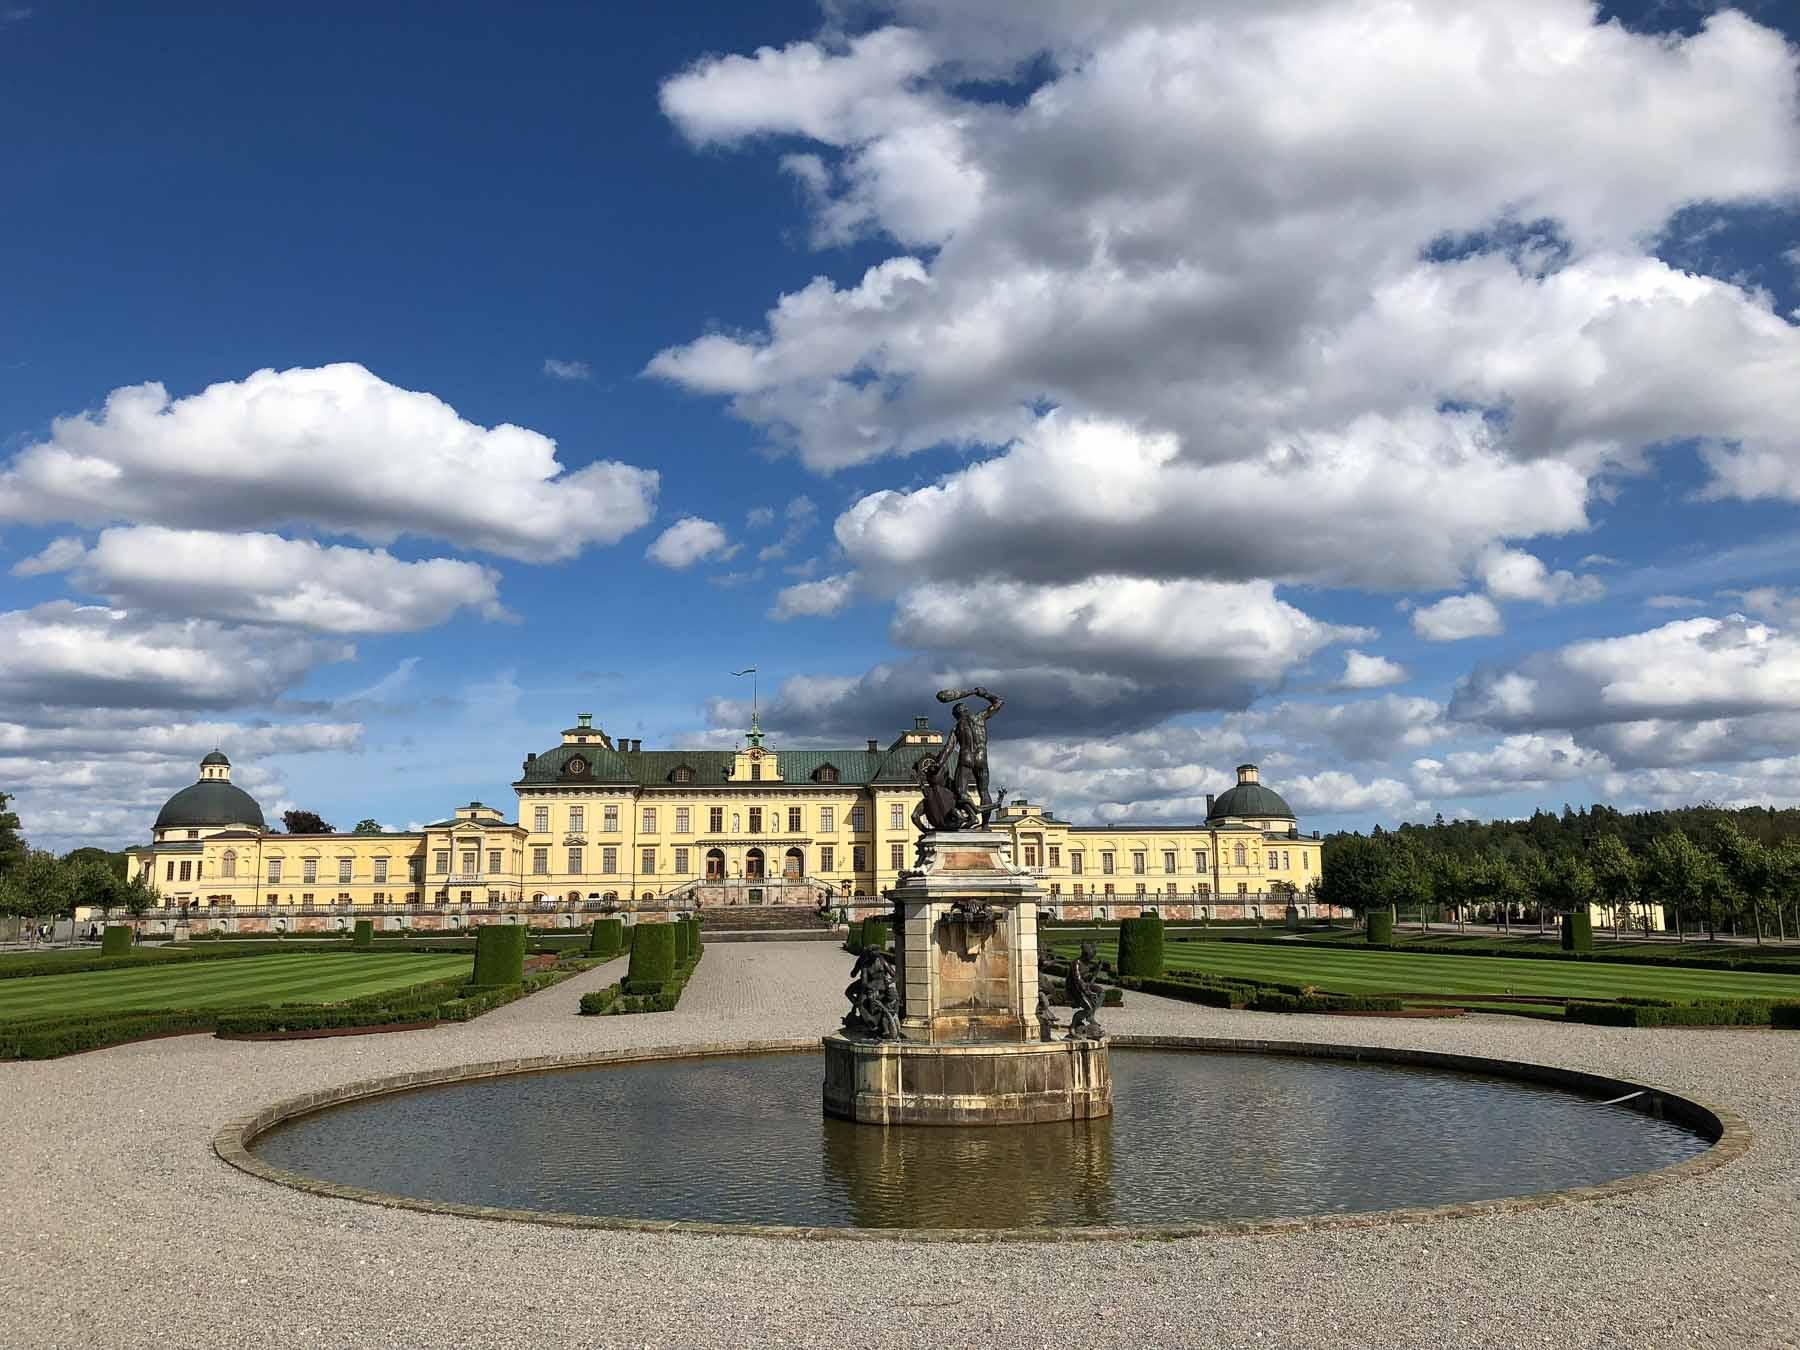 Es ist die Privatresidenz der schwedischen Königsfamilie